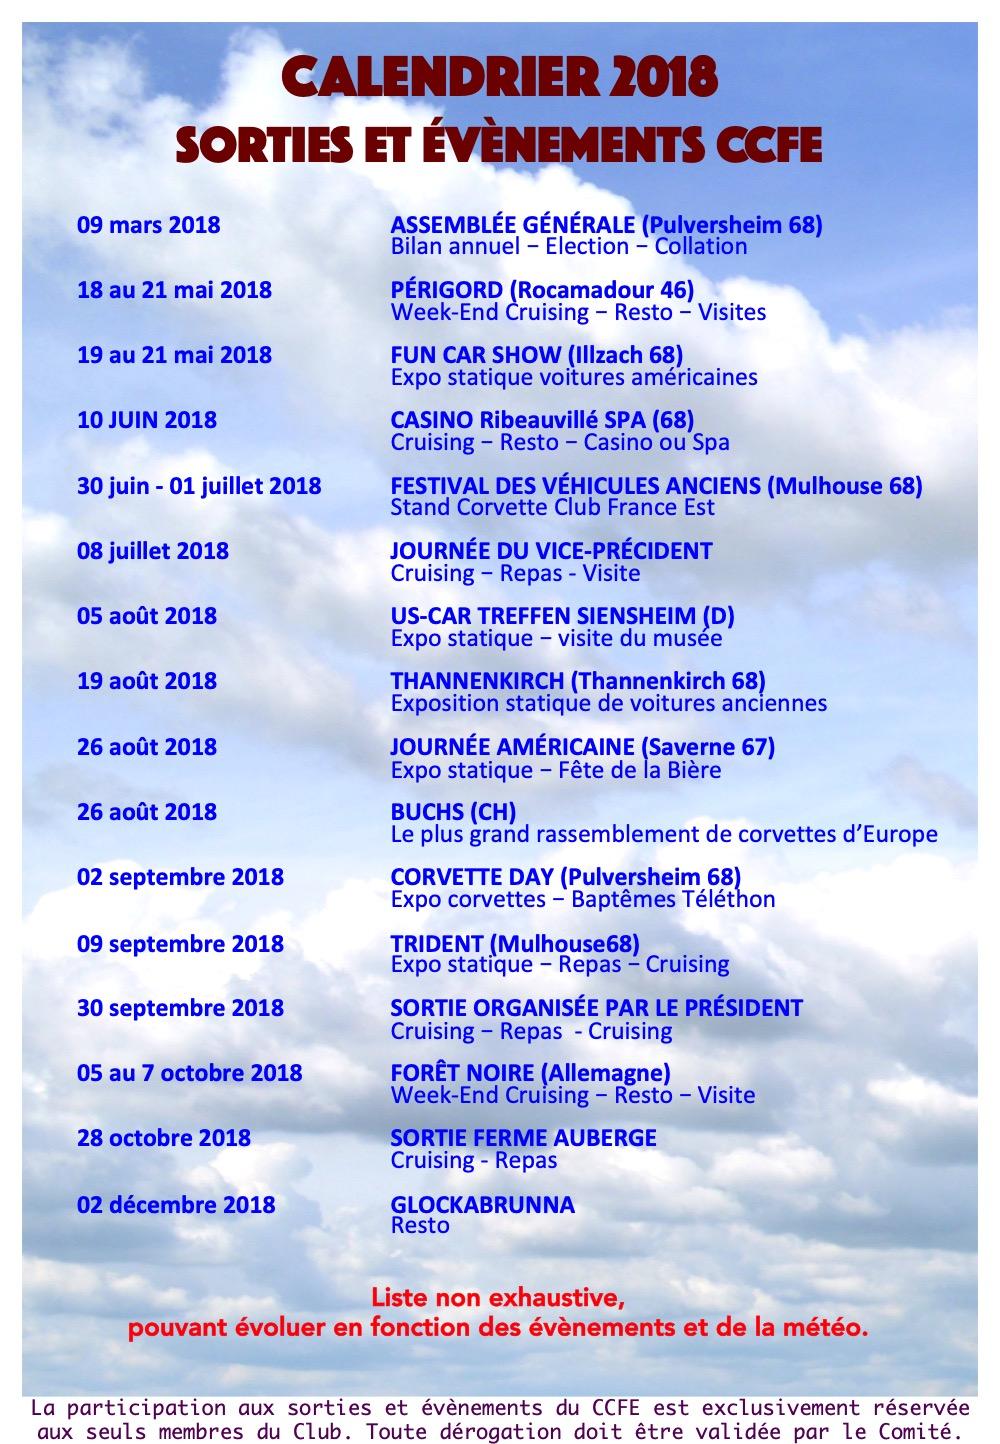 2017 calendrier 4